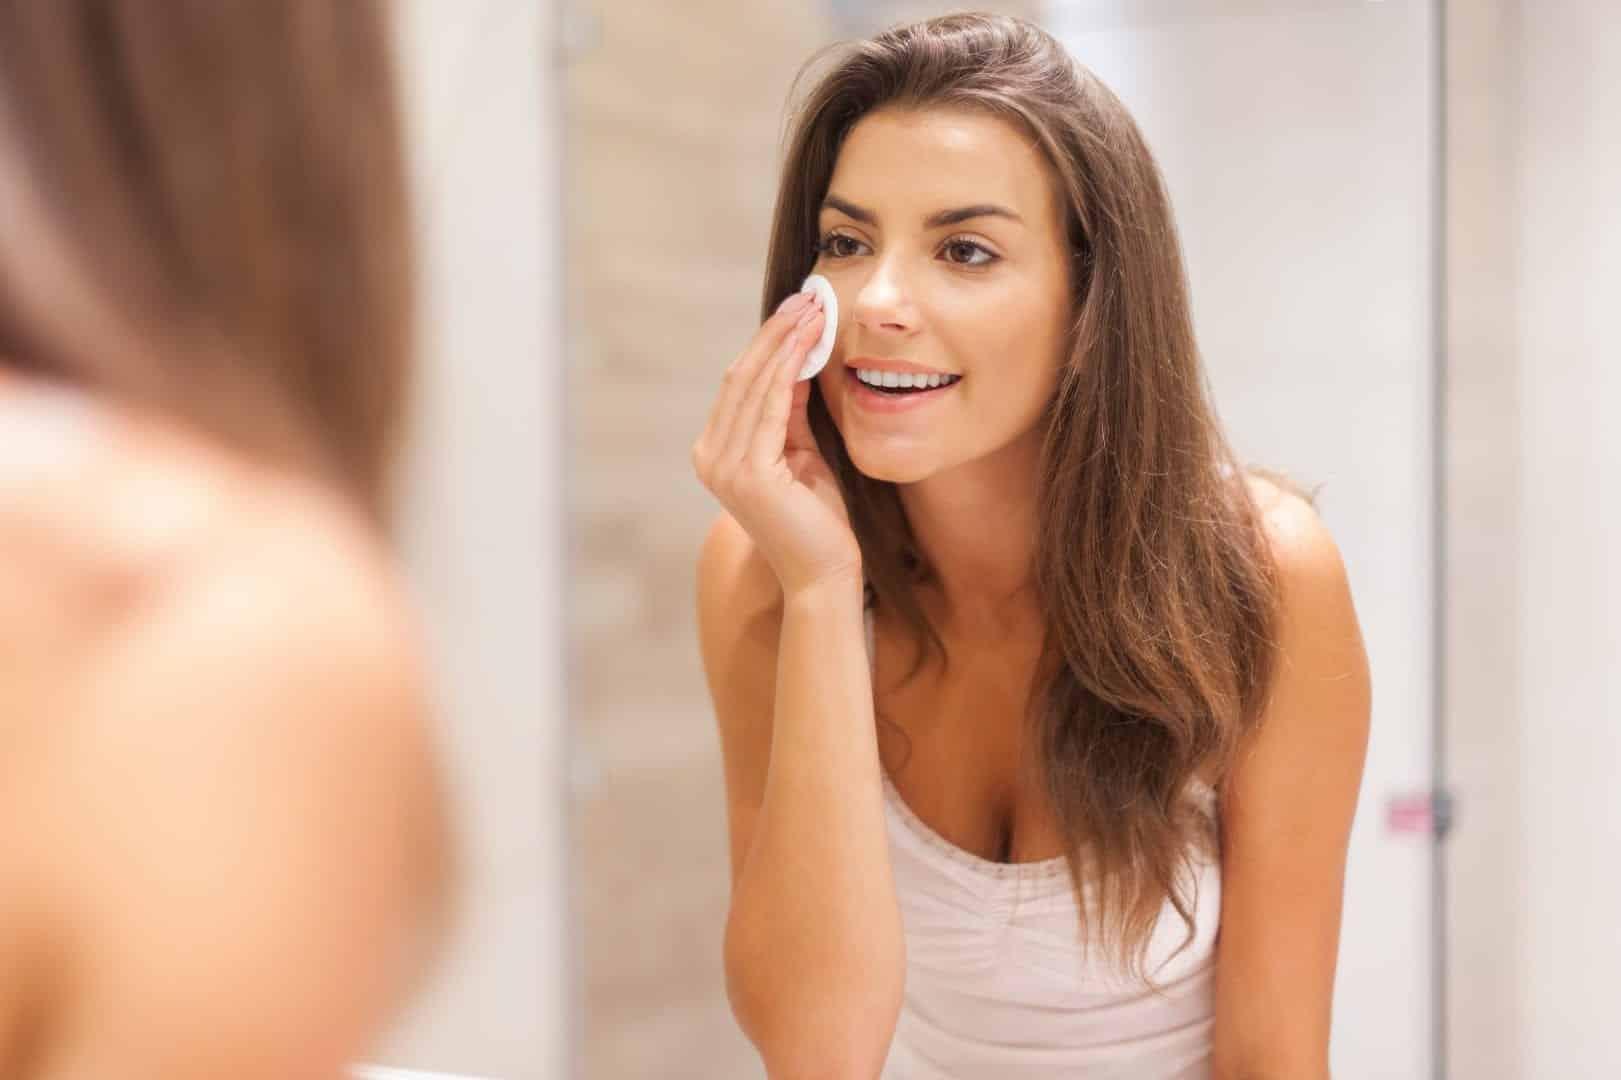 Cuidados com a pele: aprenda a ter uma pele saudável e bonita